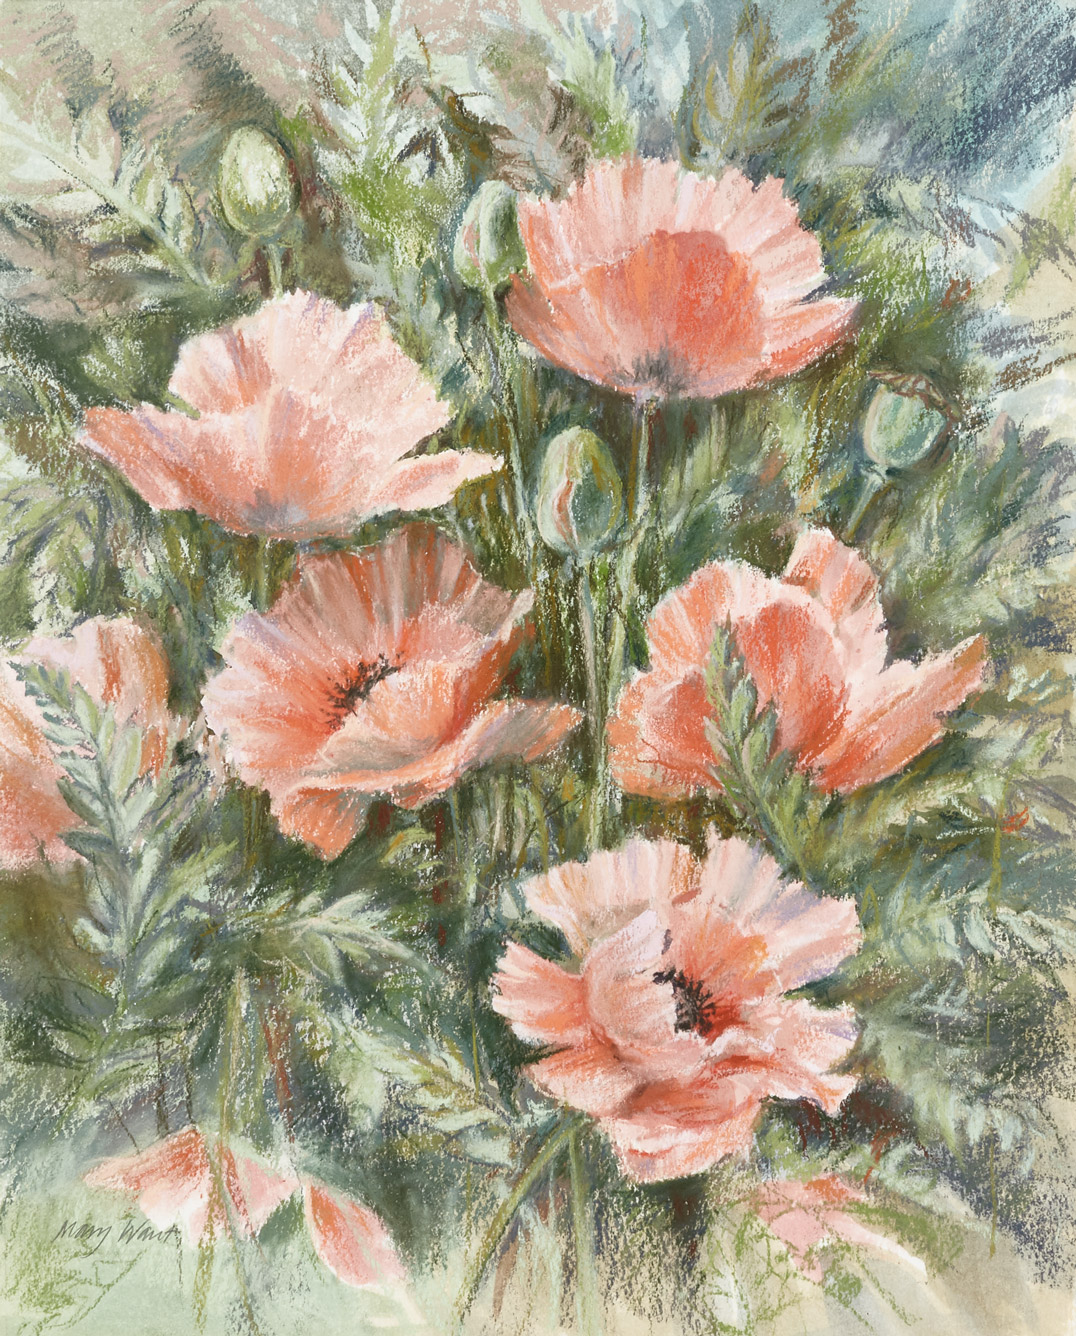 Flowers_15.jpg